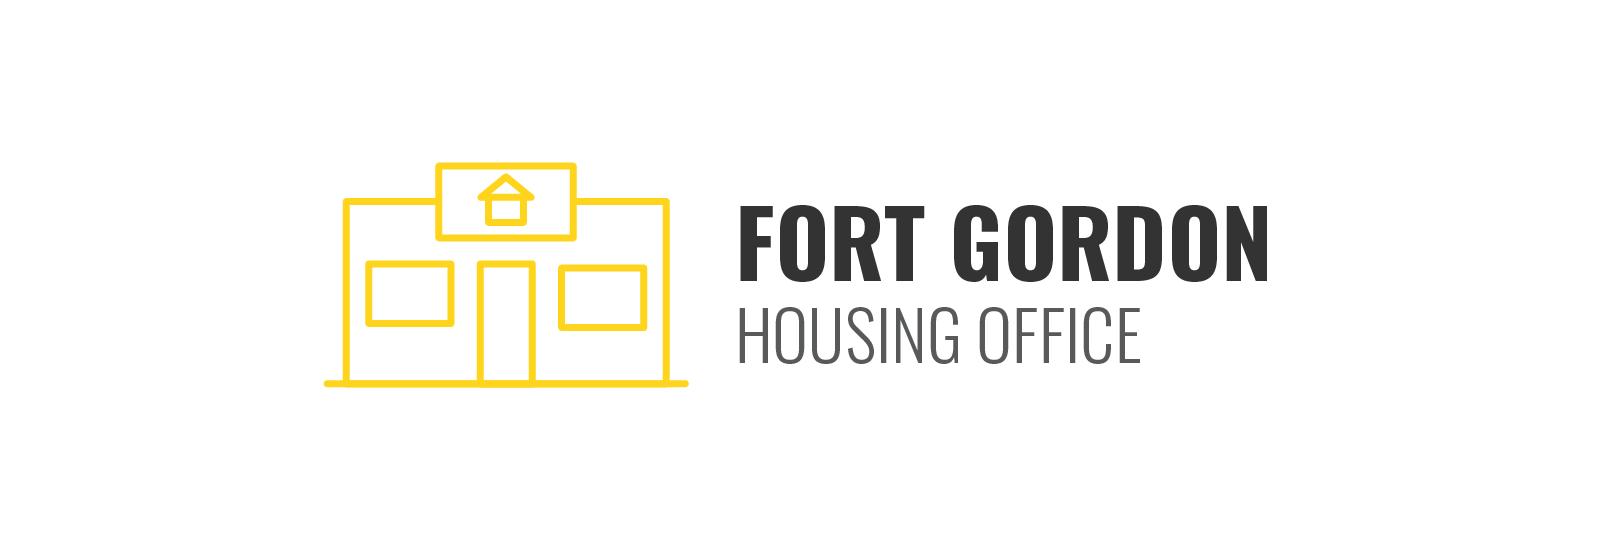 Fort Gordon Housing Office